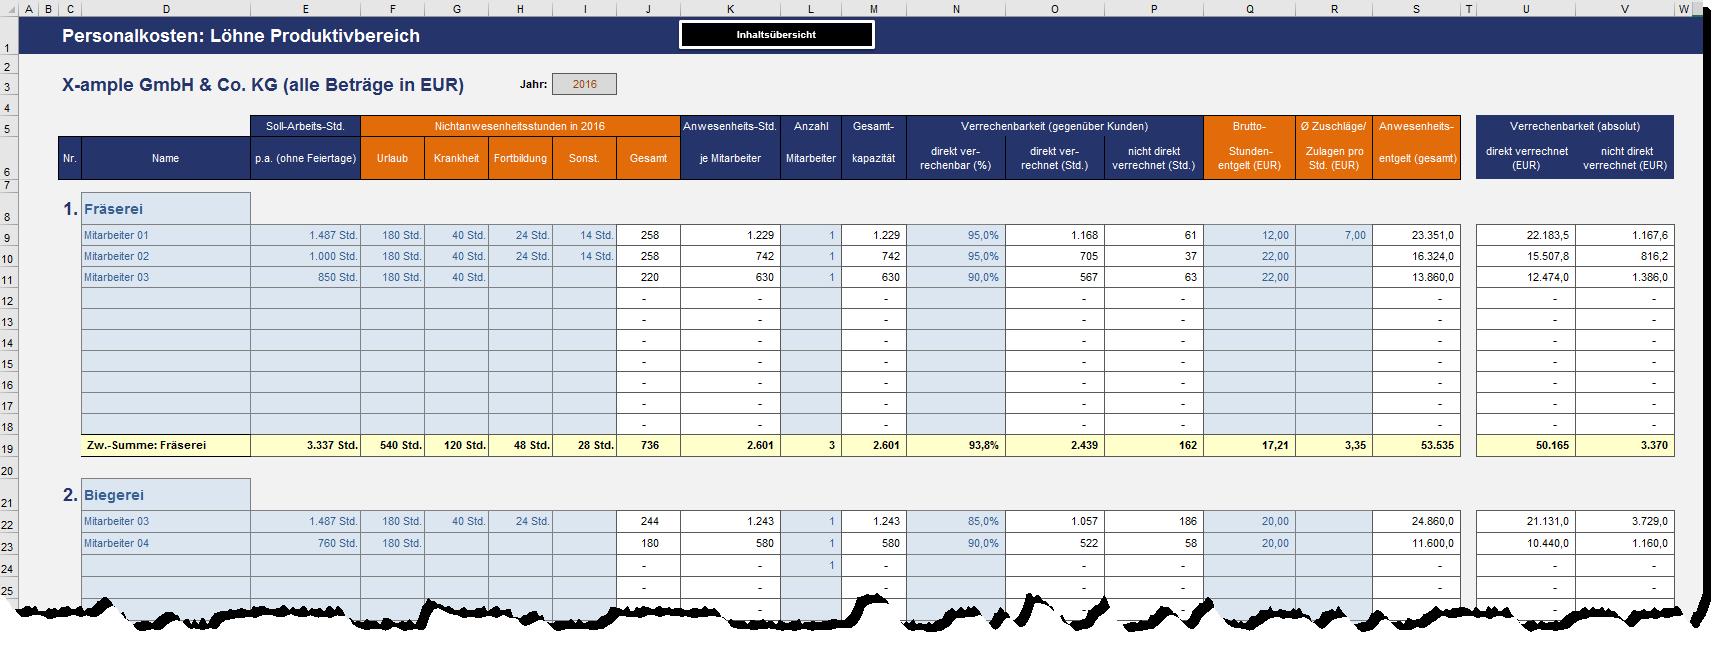 Fantastisch Irr Rechner Excel Vorlage Fotos - Entry Level Resume ...